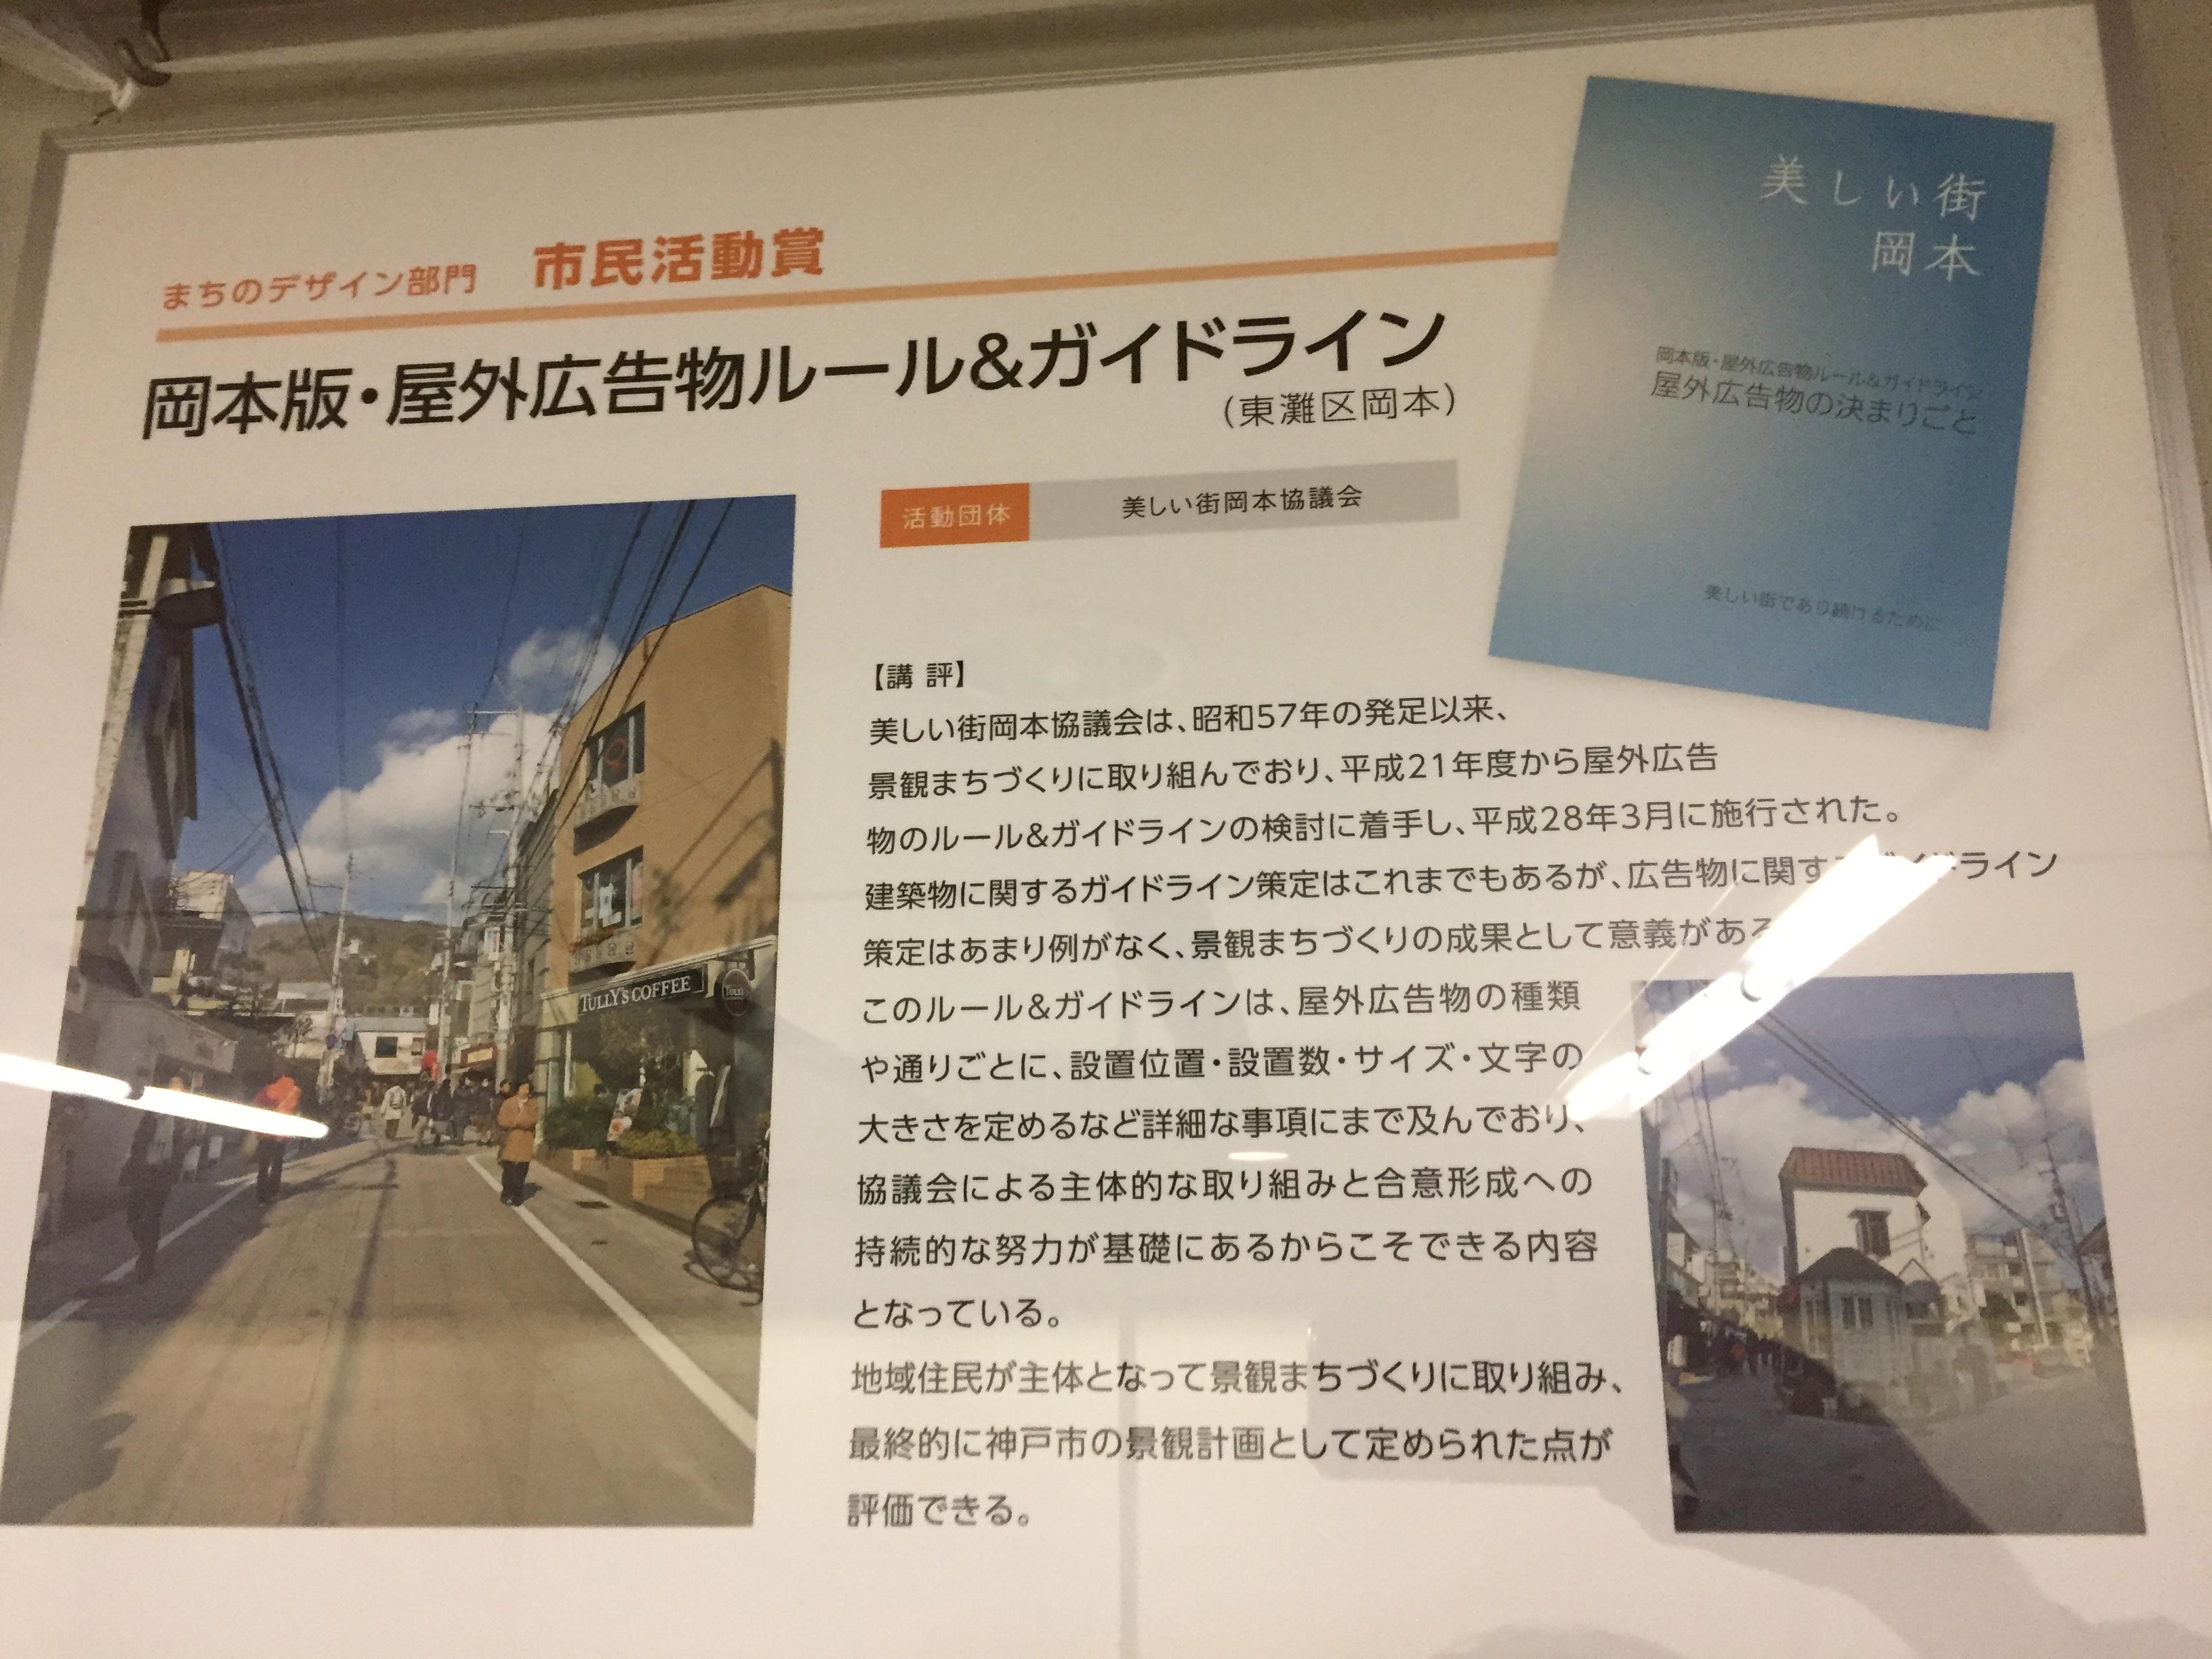 第3回神戸市都市デザイン賞に「岡本版・屋外広告物ルール&ガイドライン」が市民活動賞に選ばれたよ!【街発見】